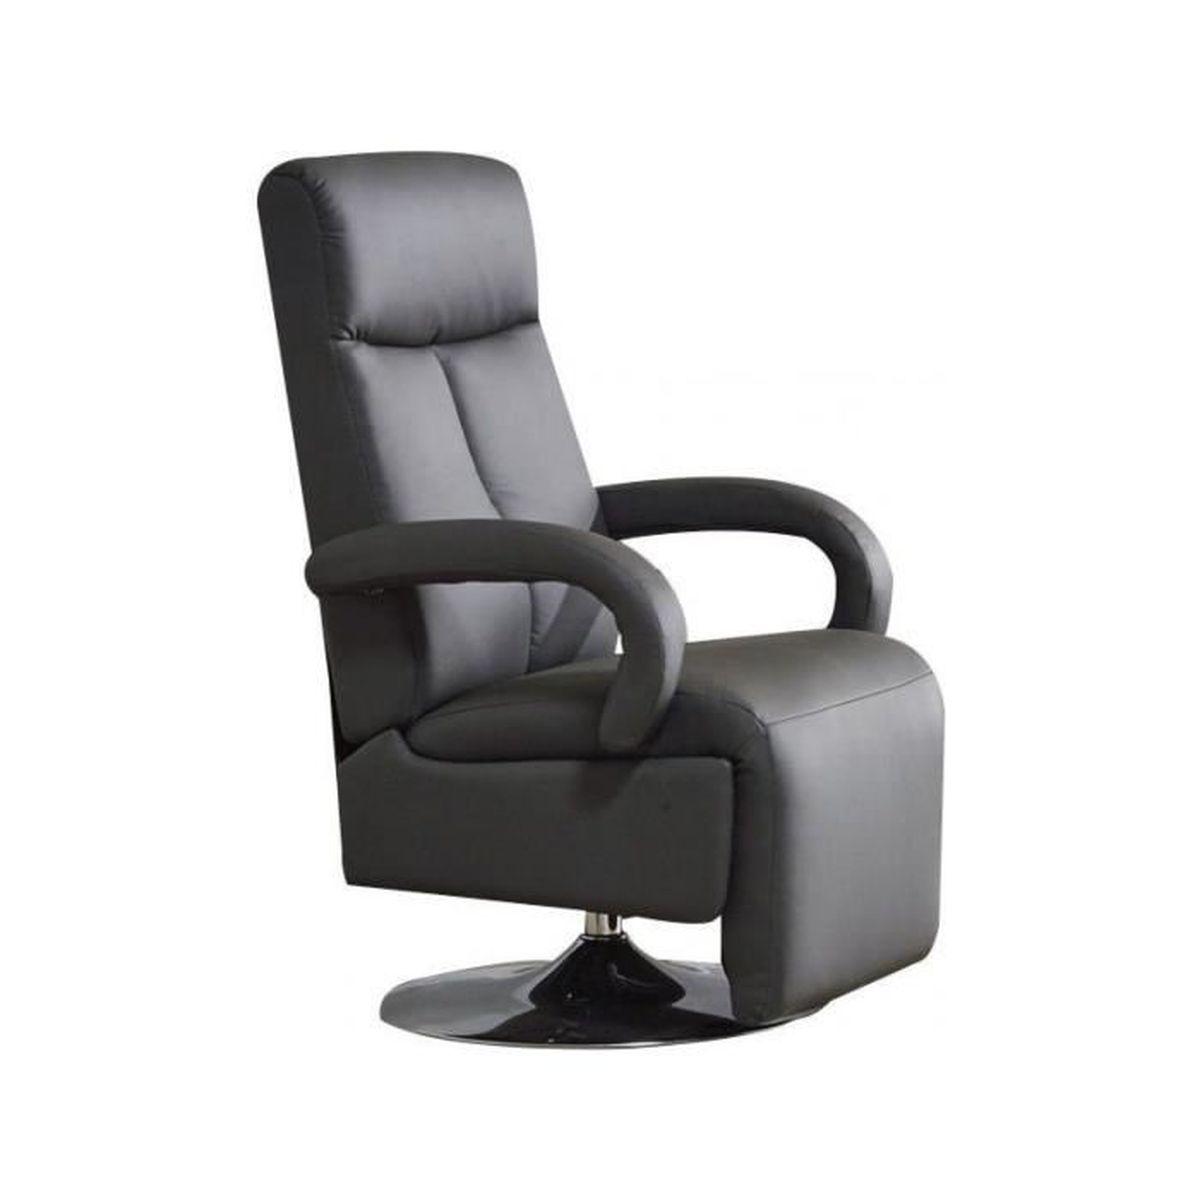 fauteuil relax elrctrique achat vente fauteuil relax elrctrique pas cher cdiscount. Black Bedroom Furniture Sets. Home Design Ideas